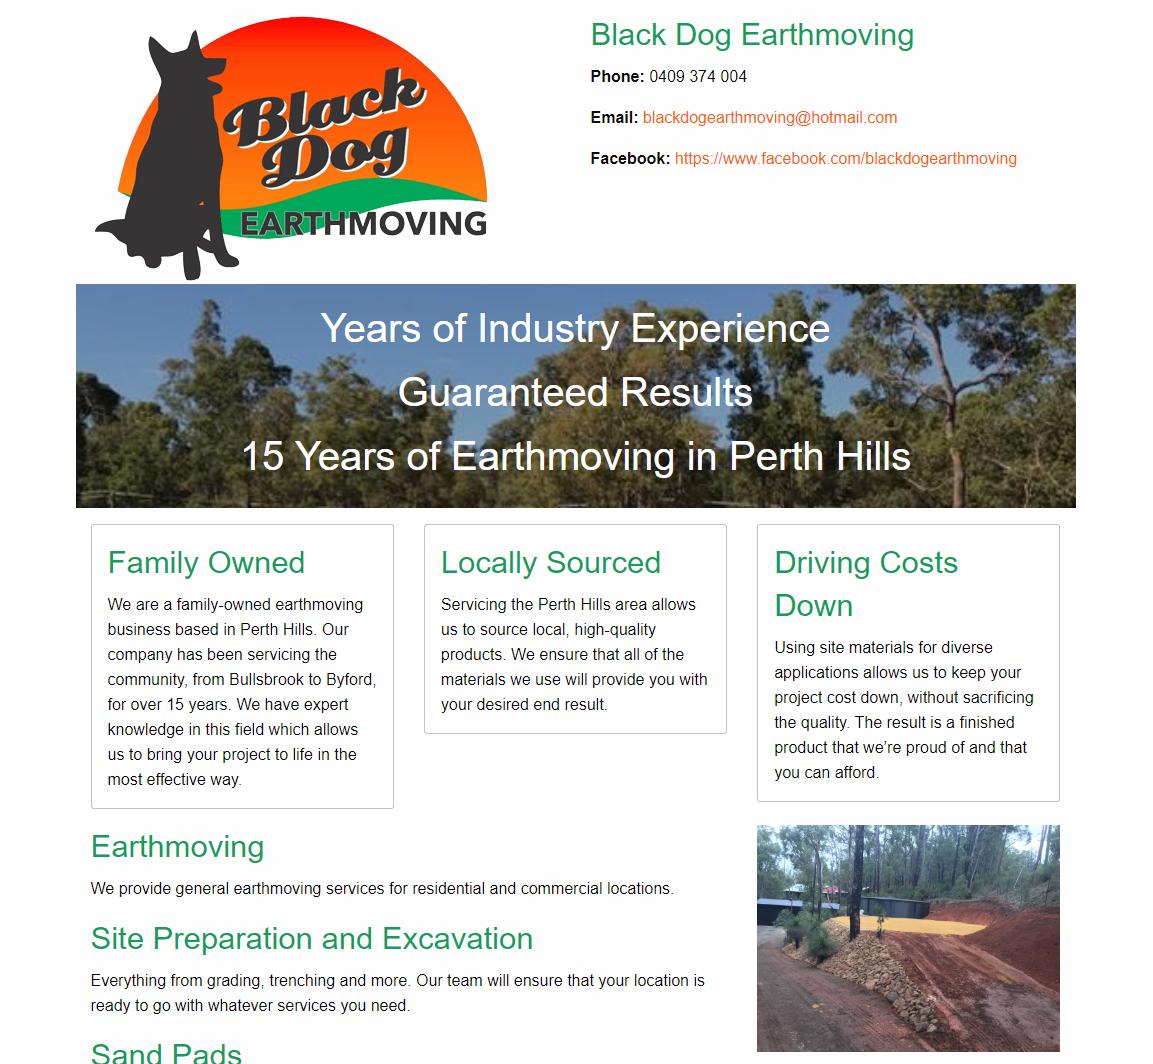 Black Dog Earthmoving website